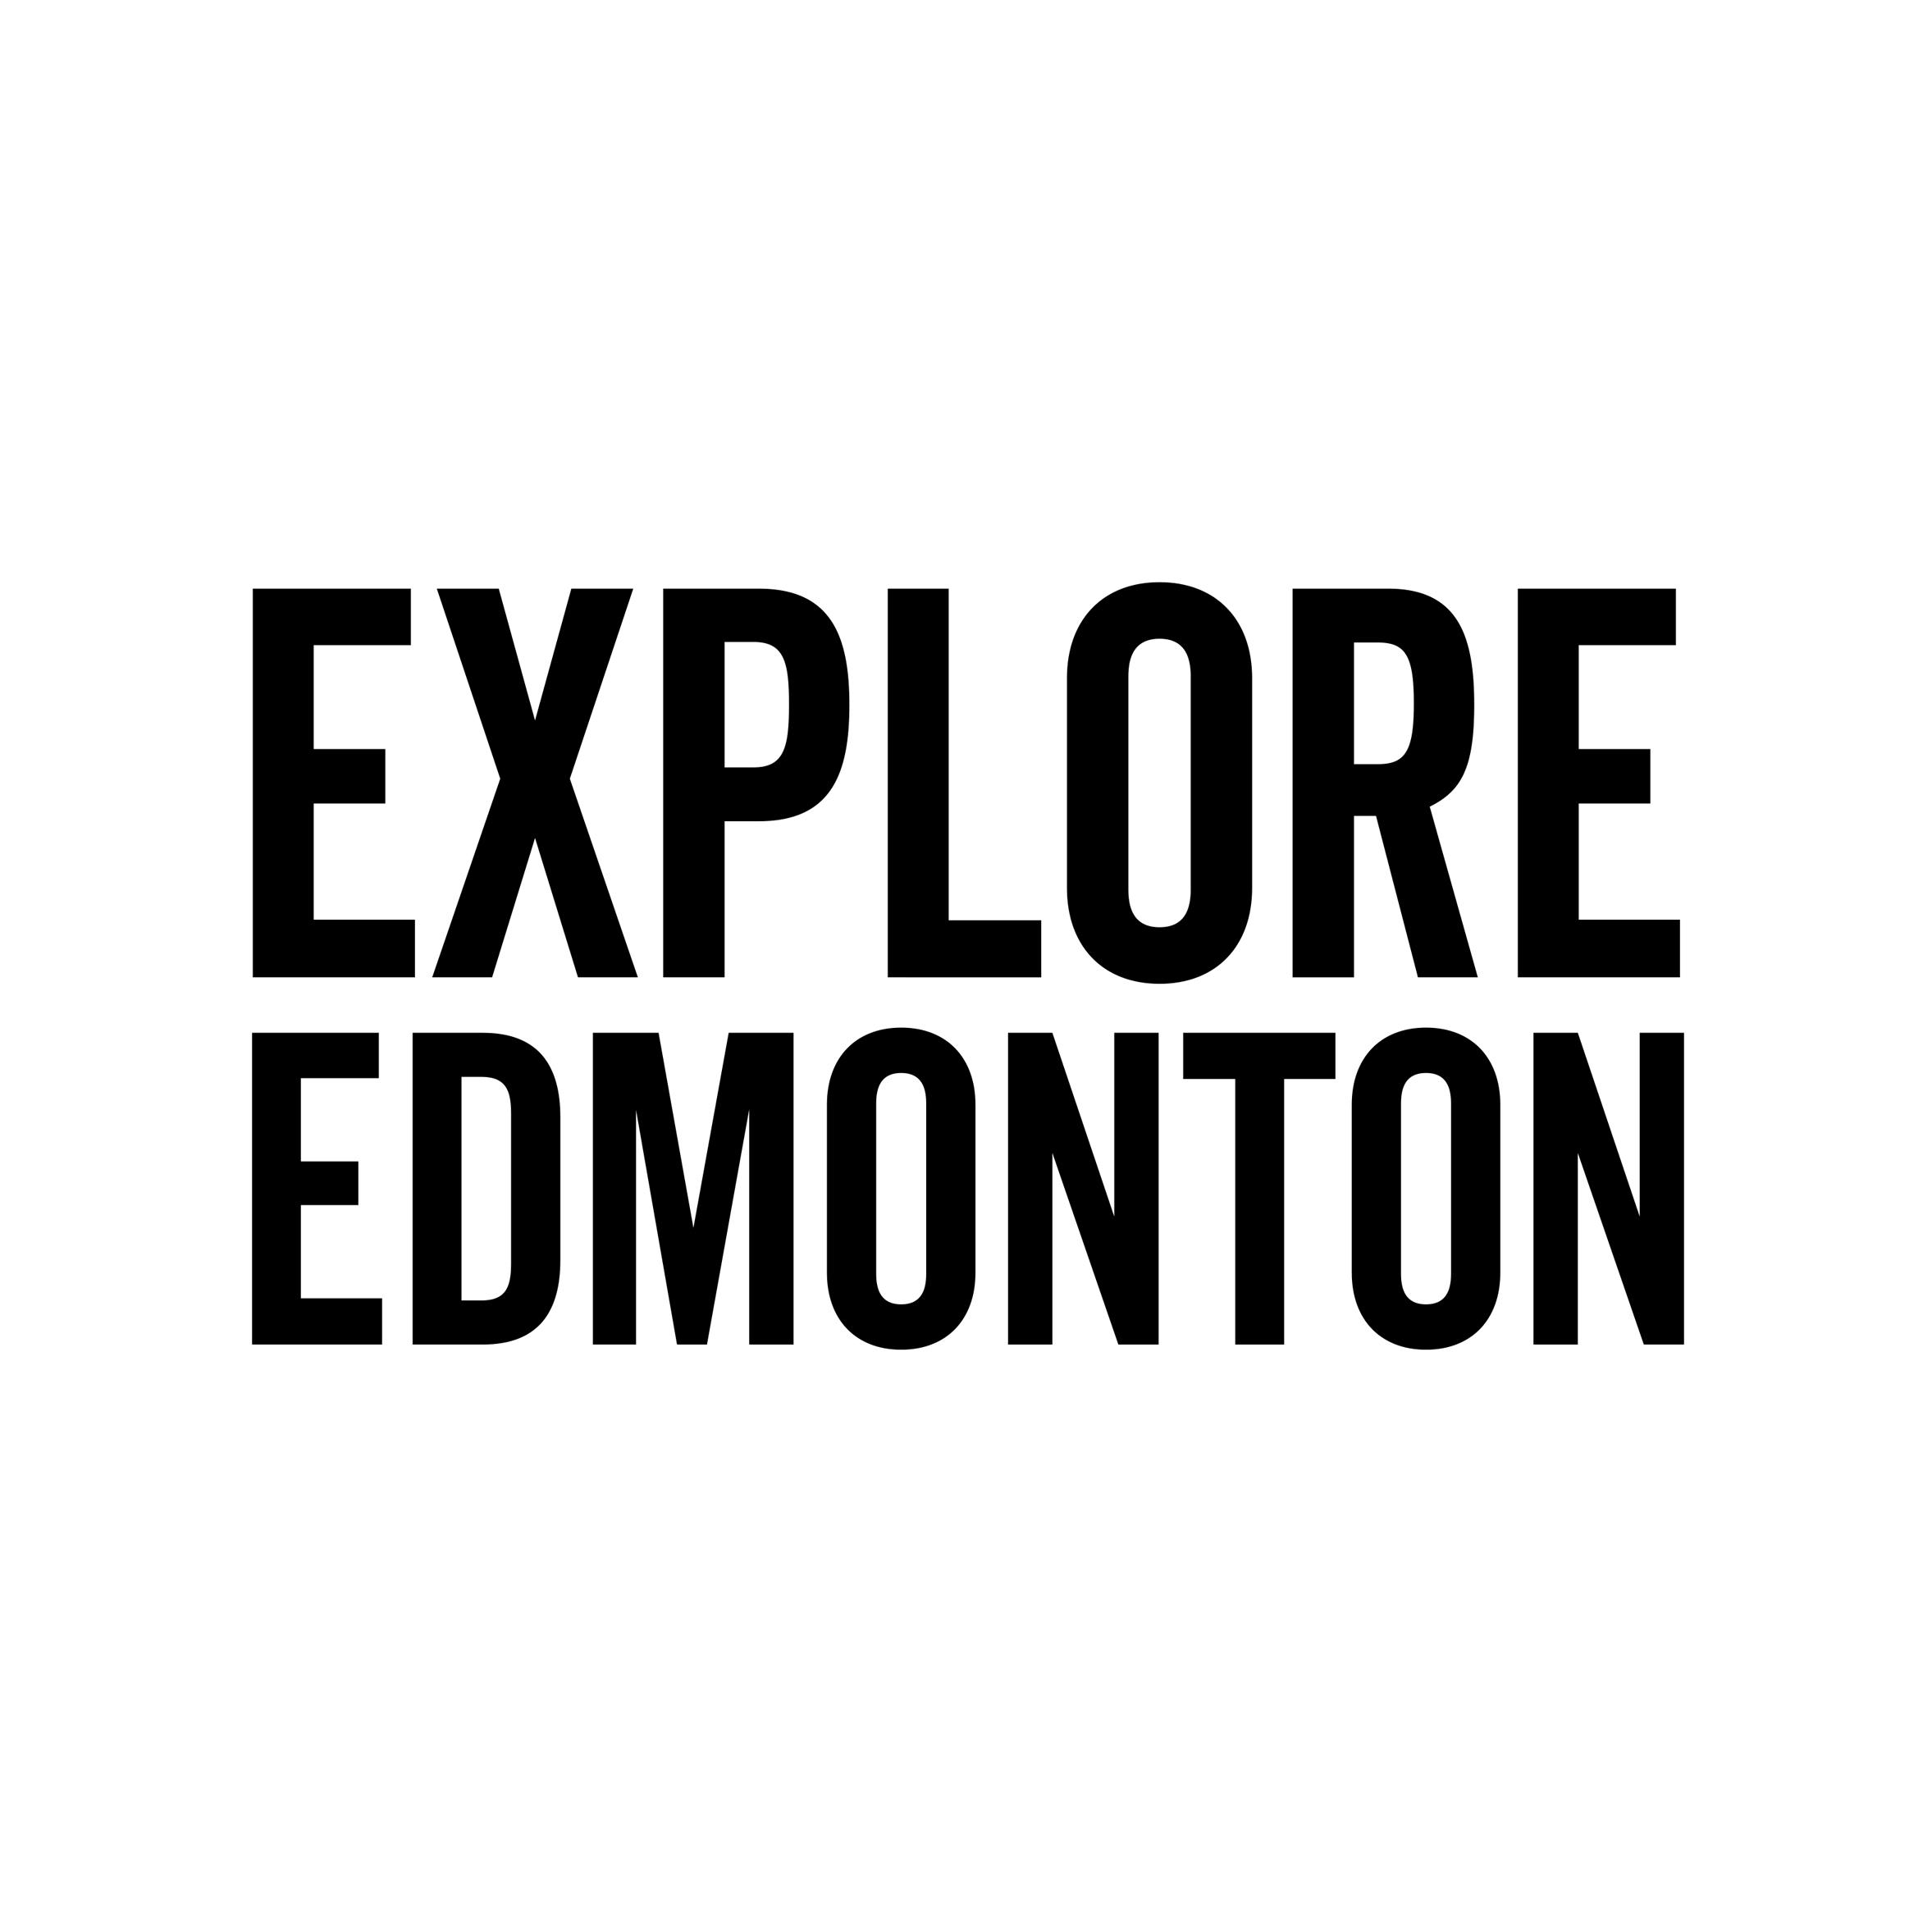 Explore-Edmonton---Black_SQ.jpg